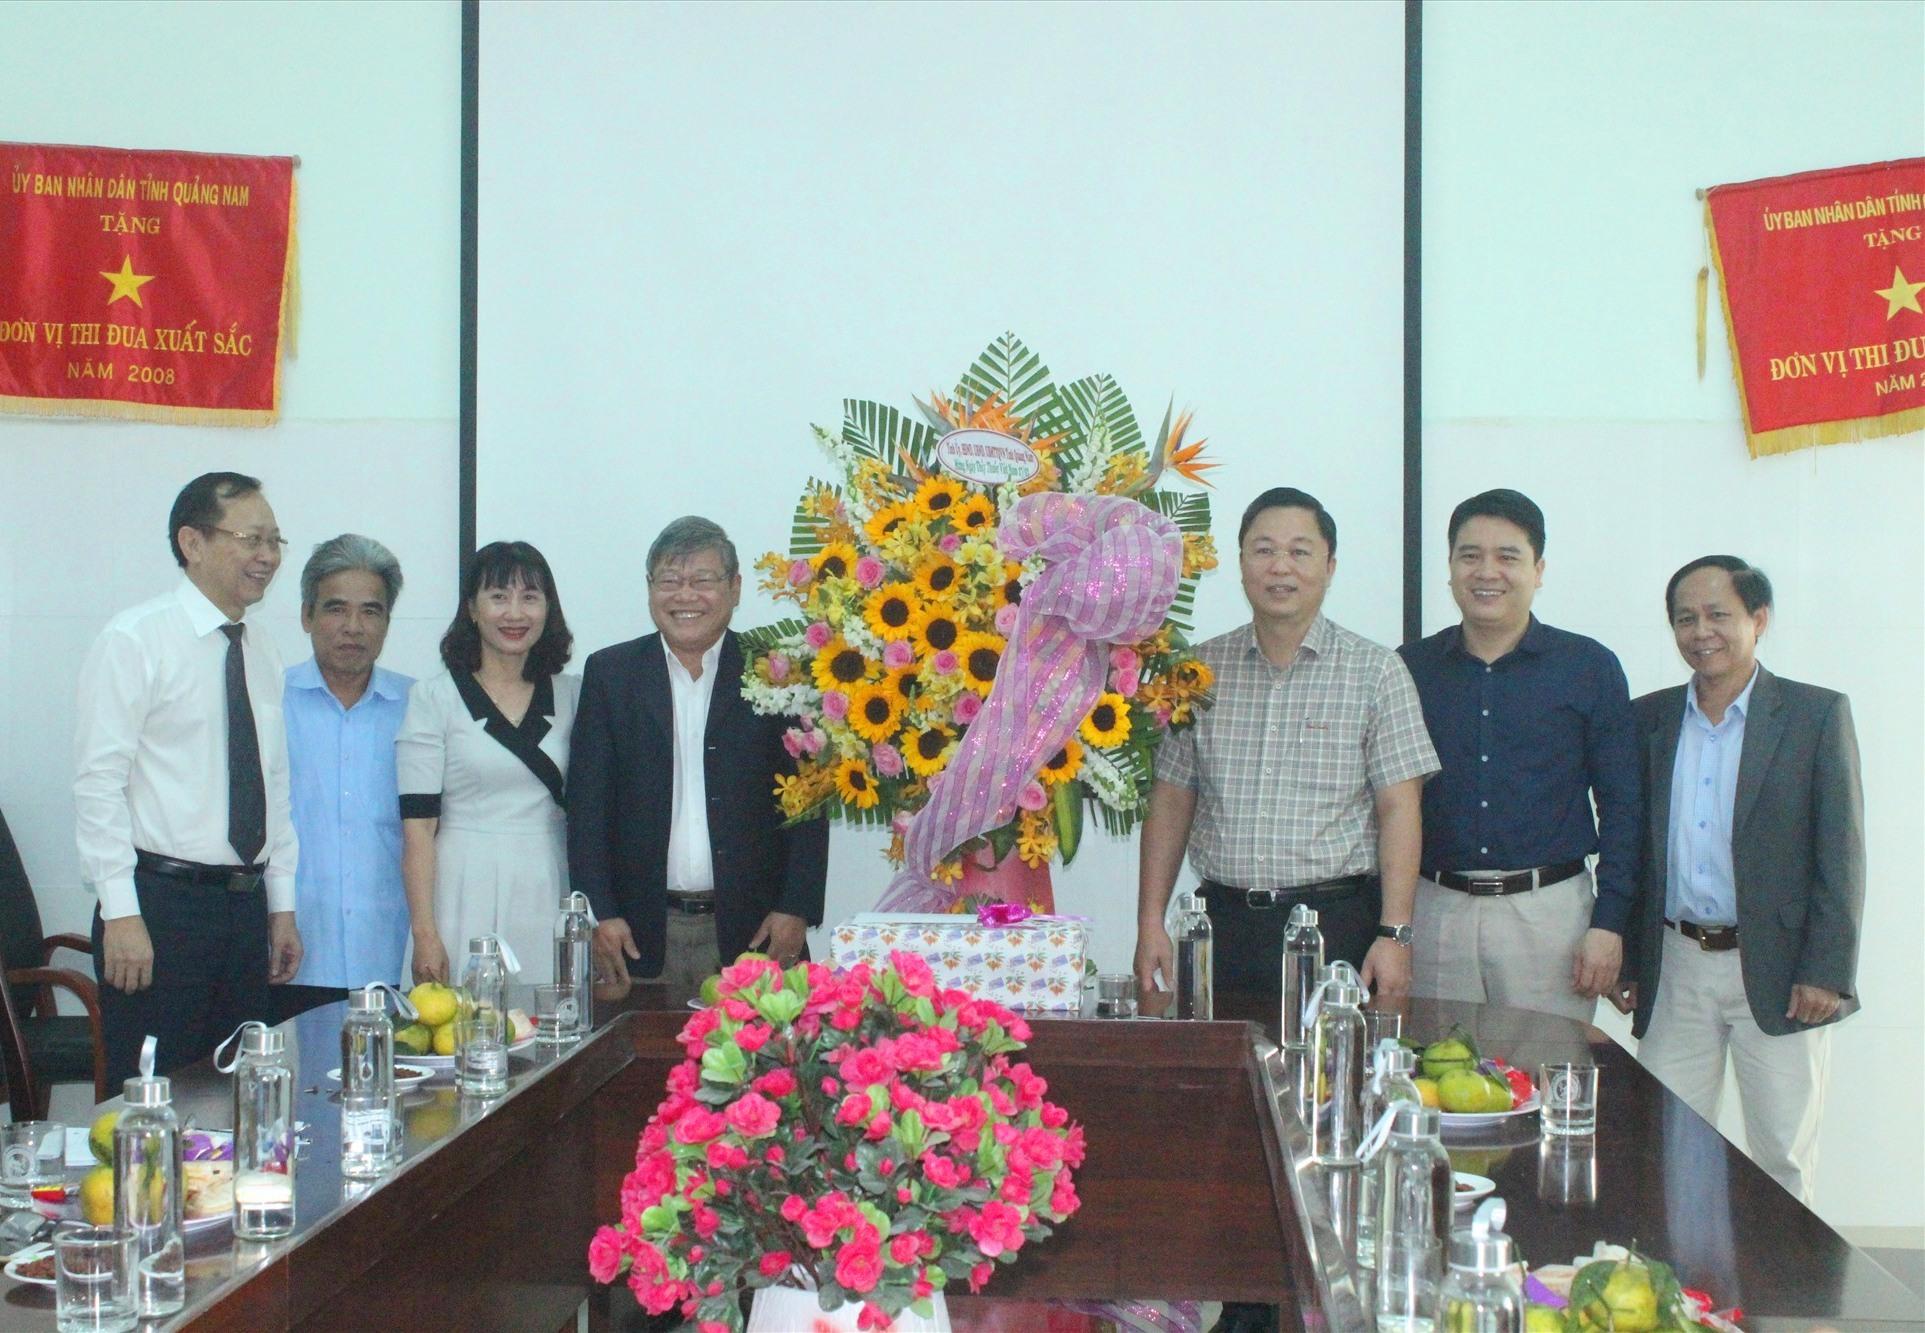 Chủ tịch UBND tỉnh Lê Trí Thanh tặng hoa chúc mừng ngày 27.2 tại Trung tâm Kiểm soát bệnh tật tỉnh. Ảnh: D.L